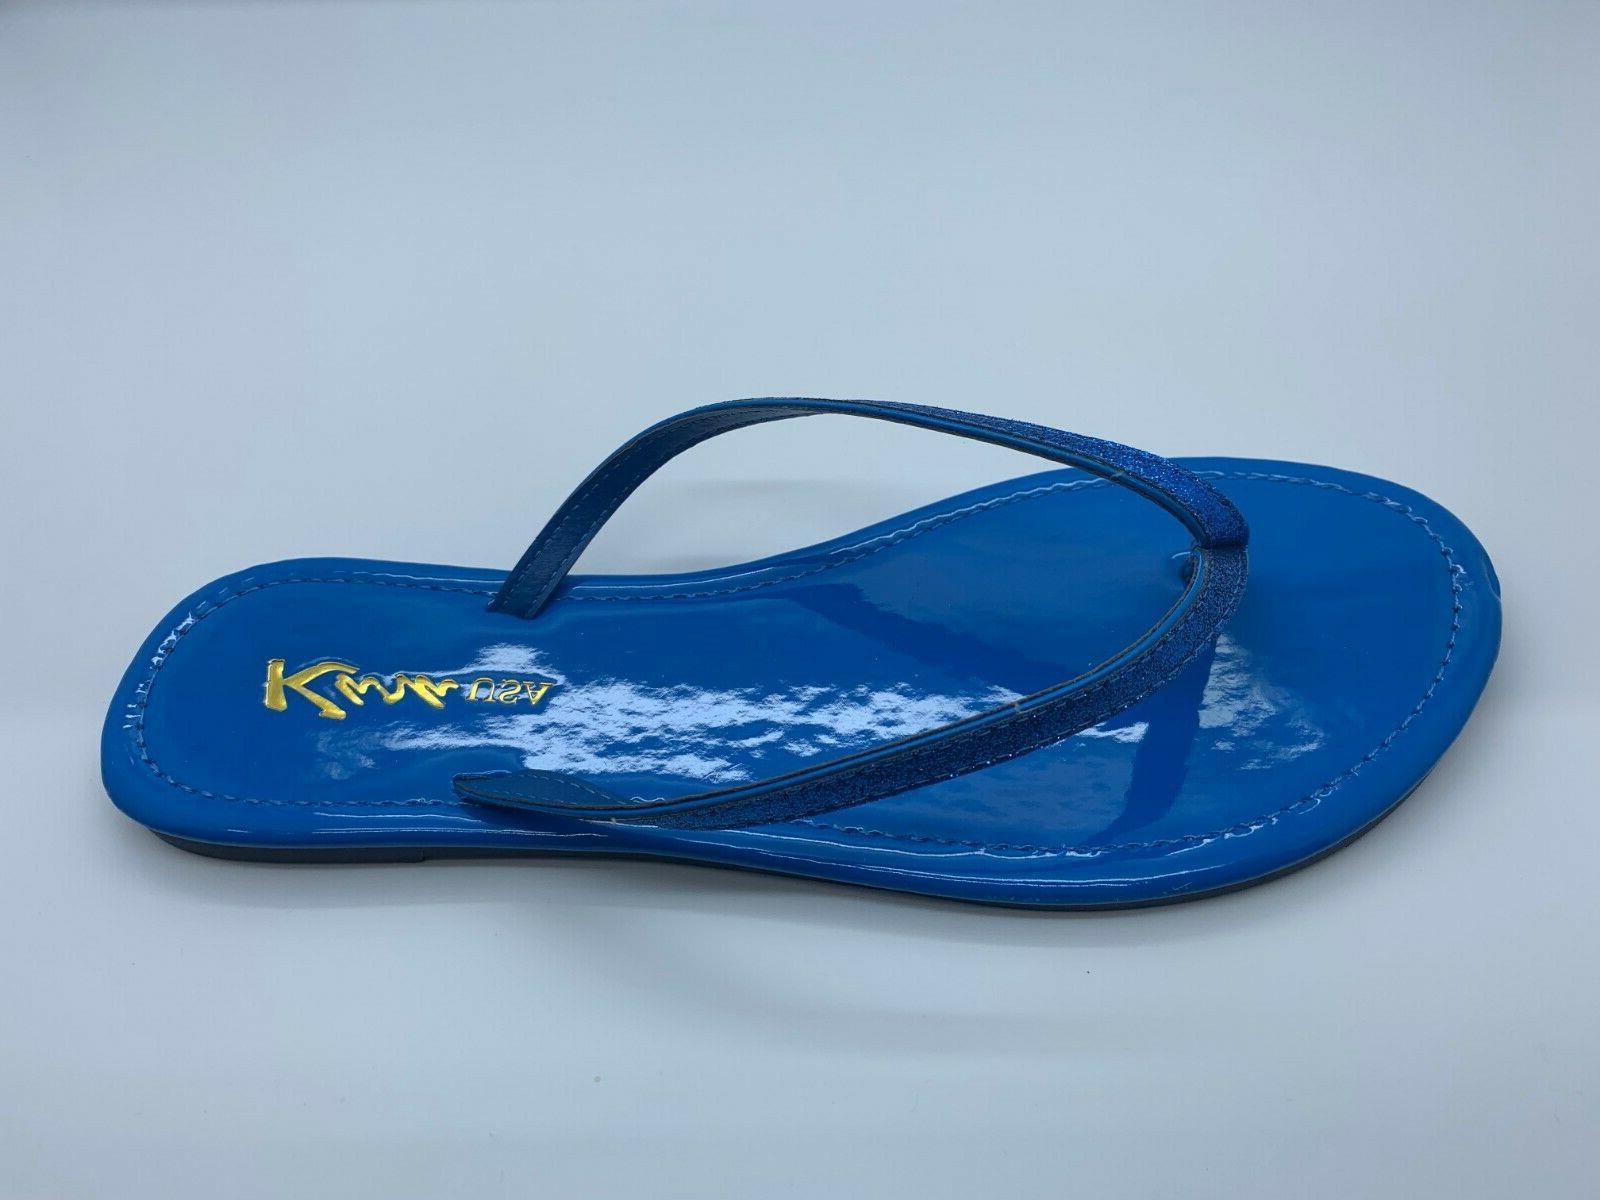 New Sandals Glitter Slipper Shoes Size